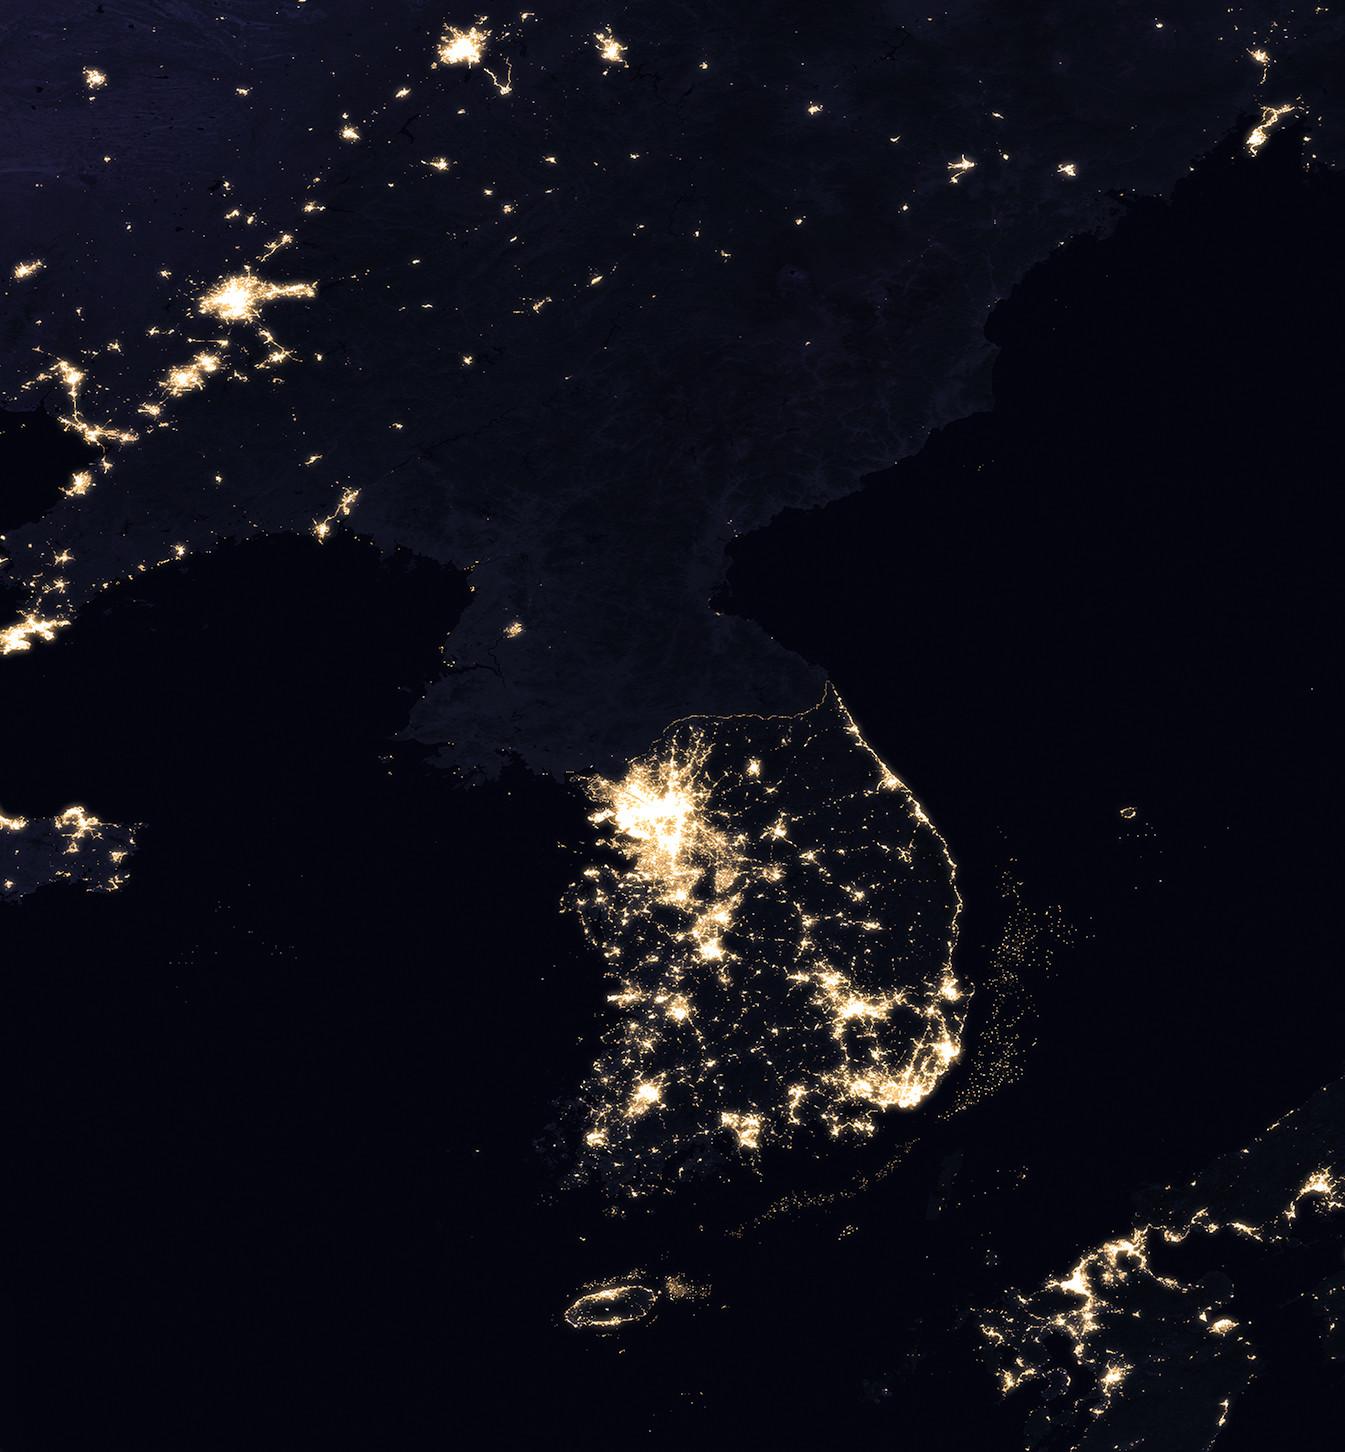 чтобы интерьер северная корея фото со спутника отметить